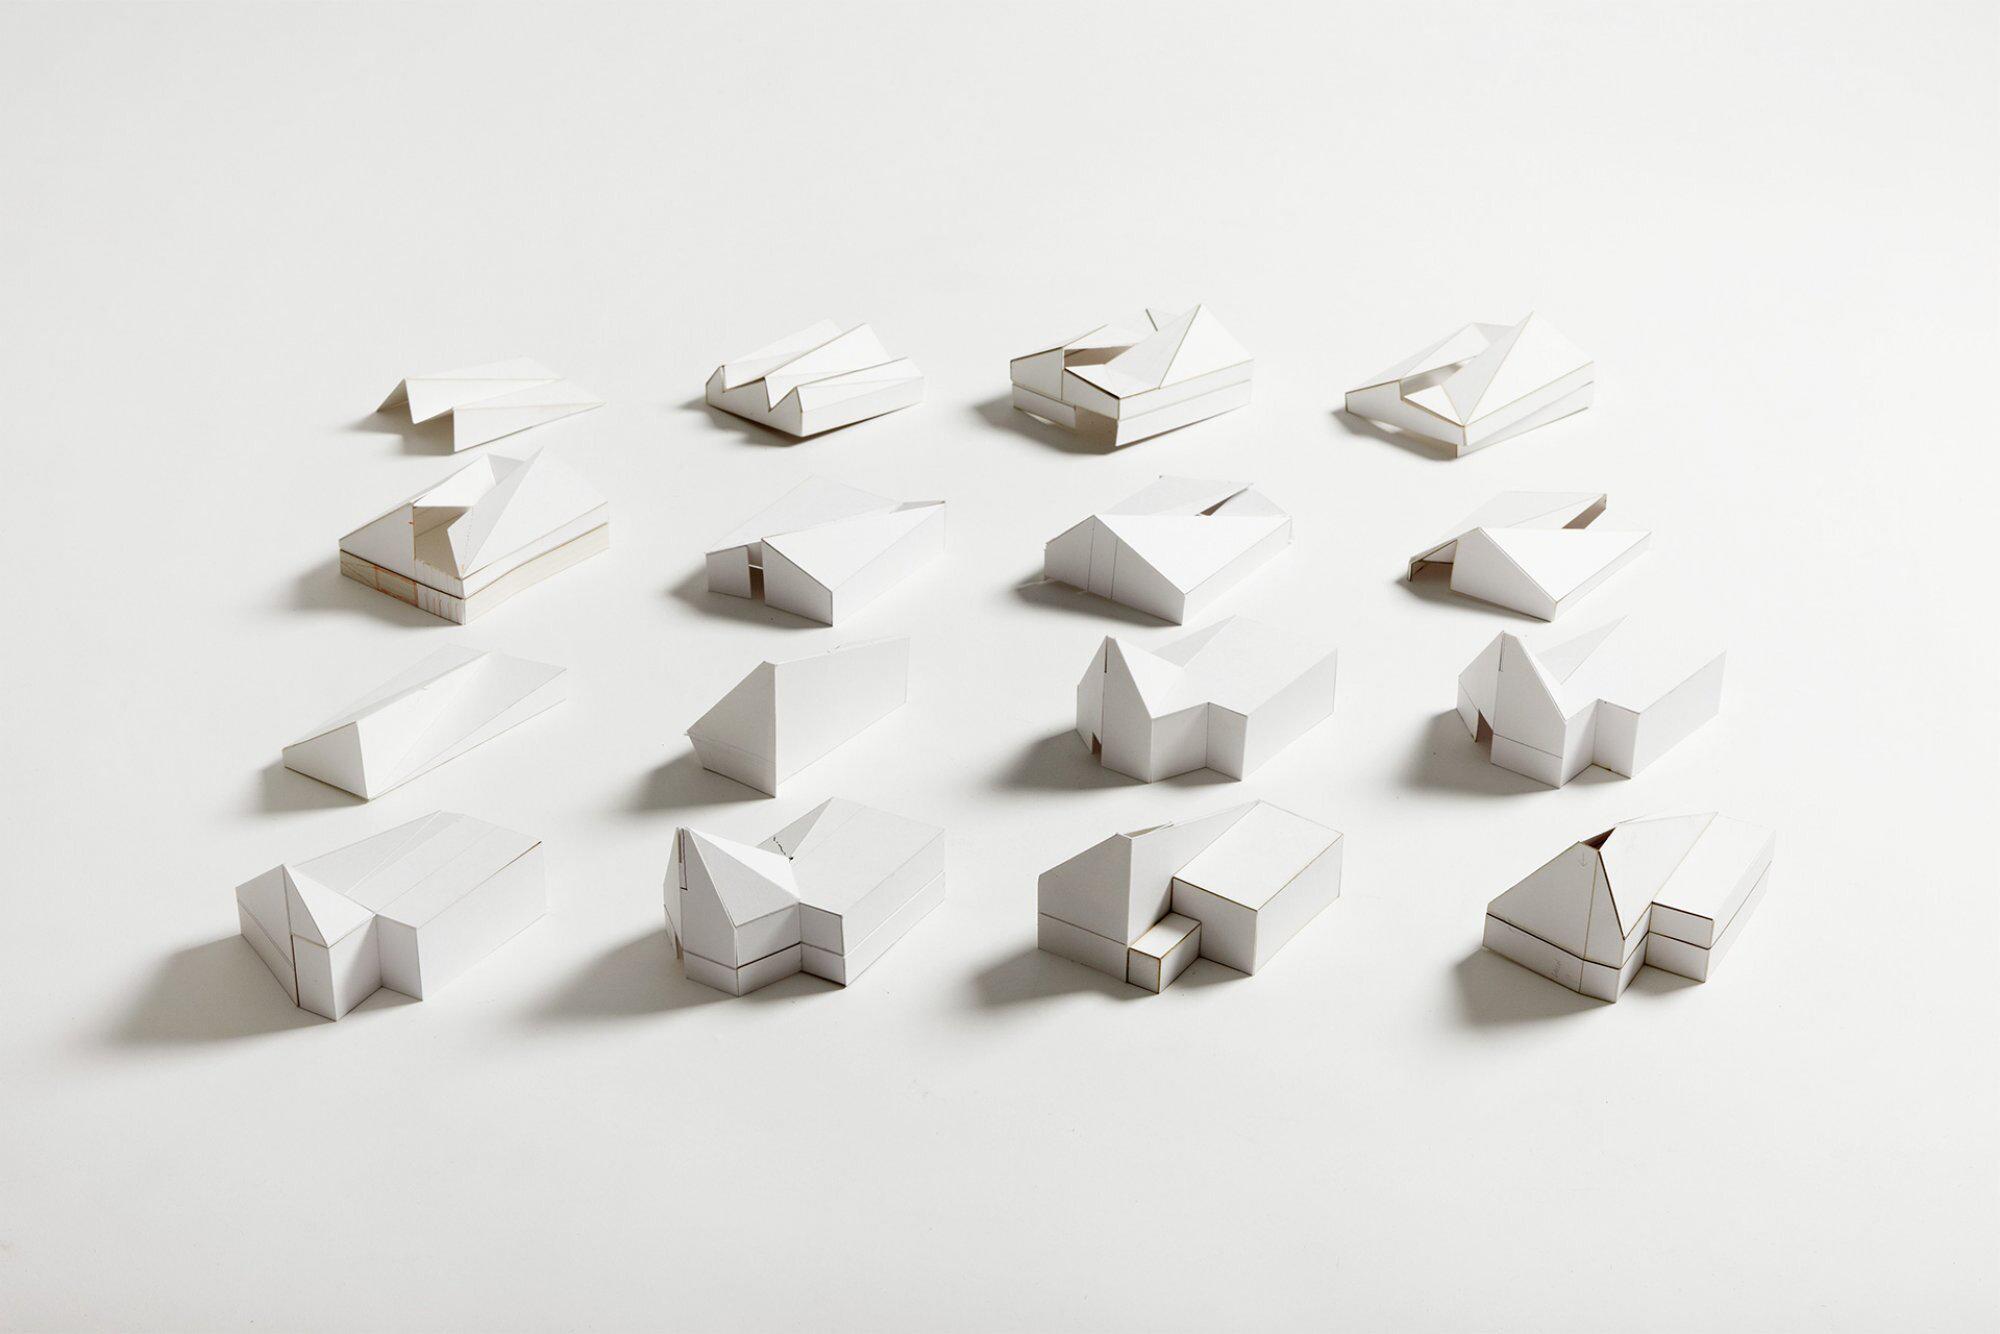 Architecture Concept Models